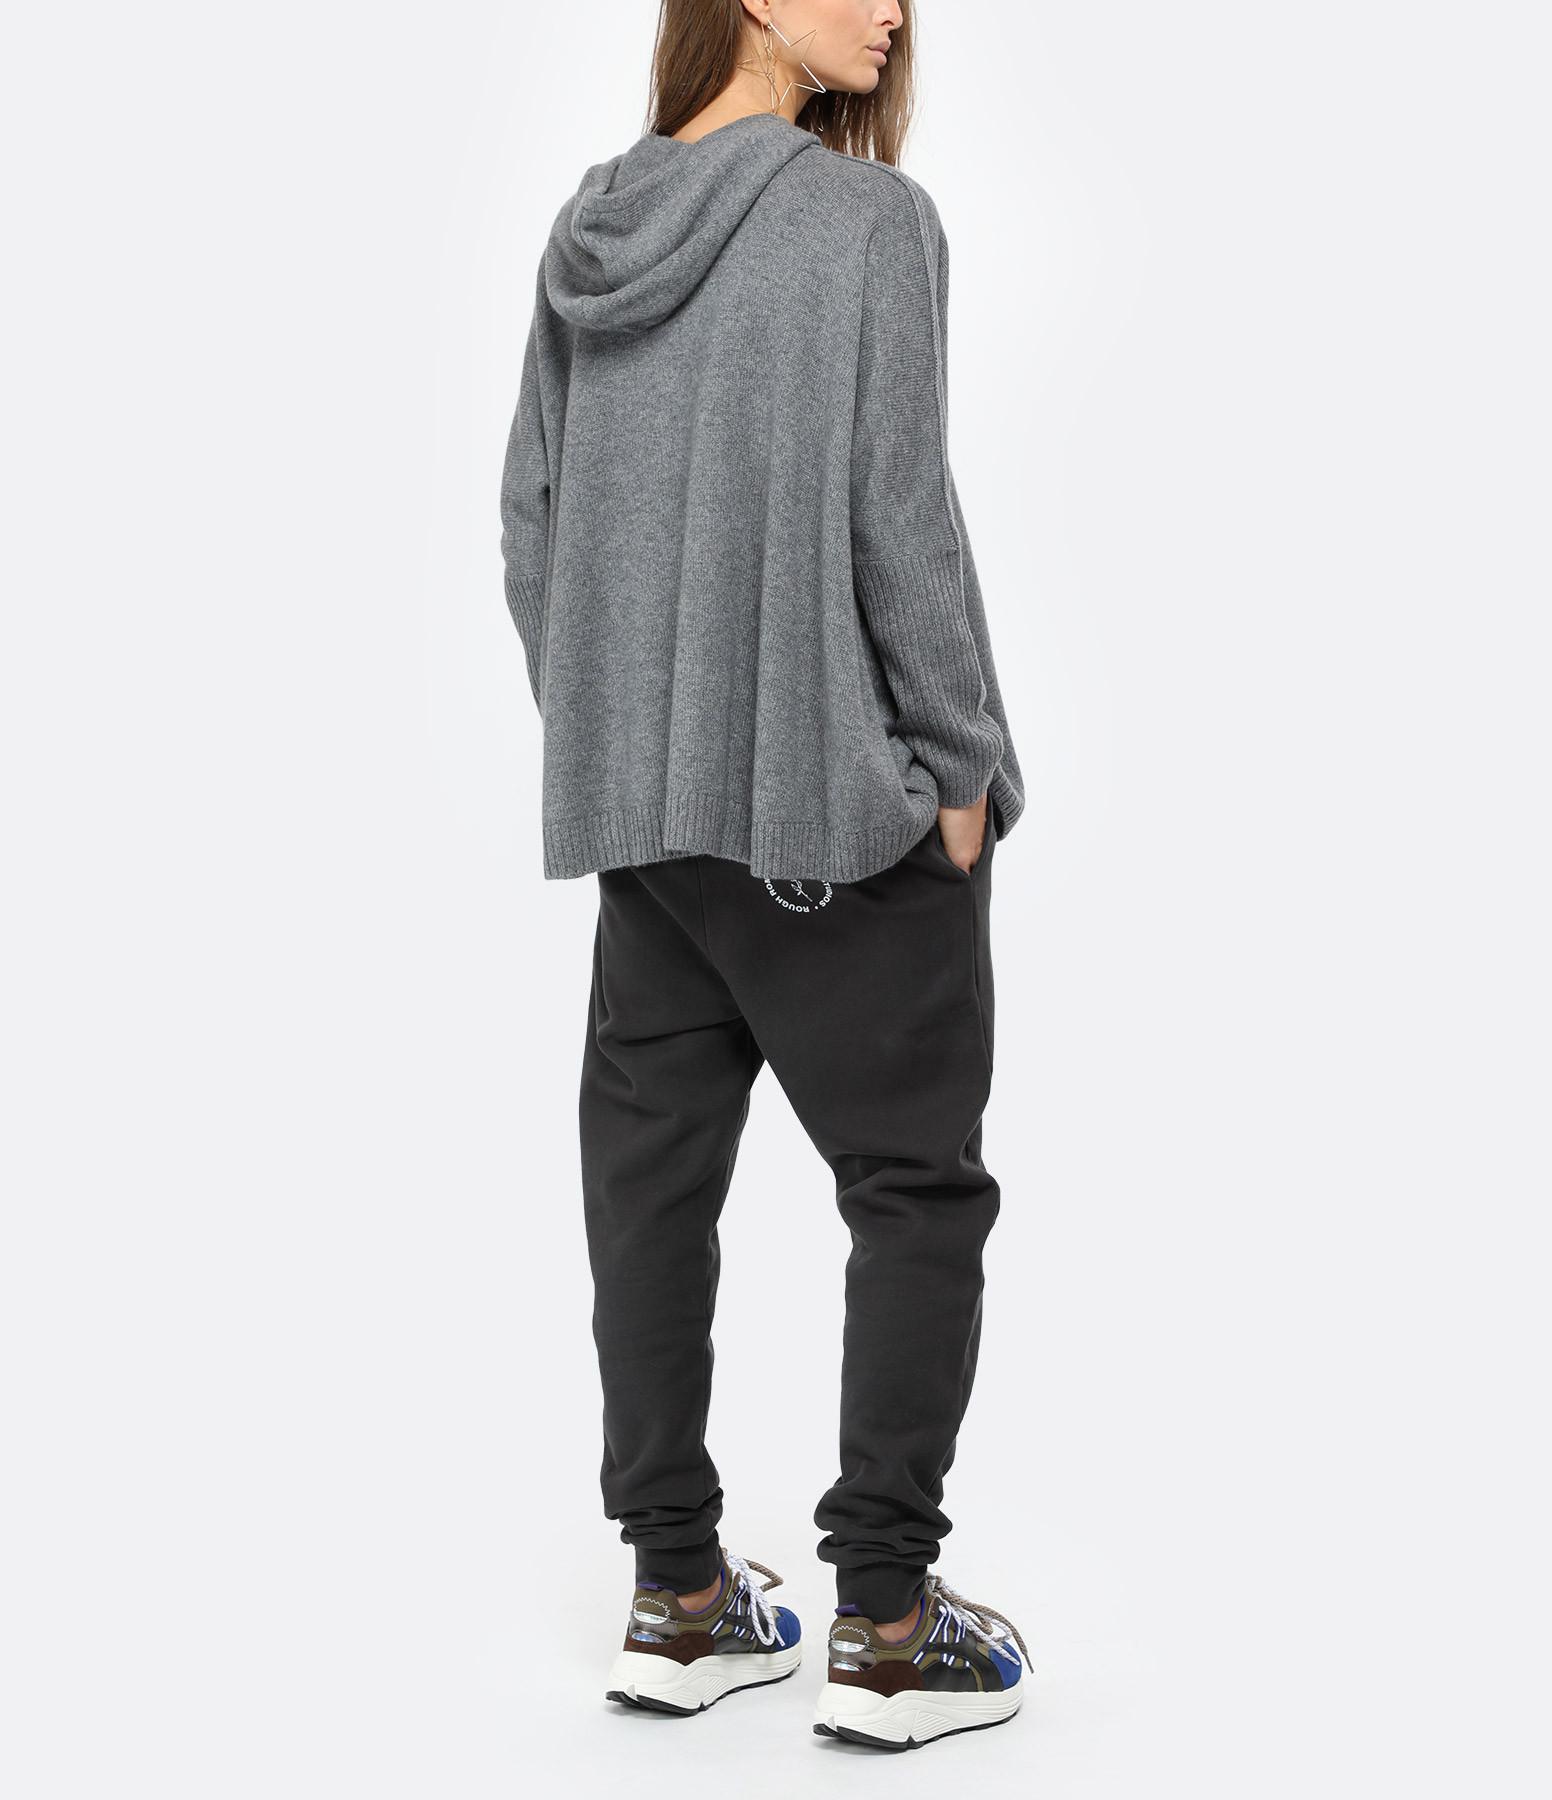 KUJTEN - Sweatshirt Reena Oversize Cachemire Gris Flanelle